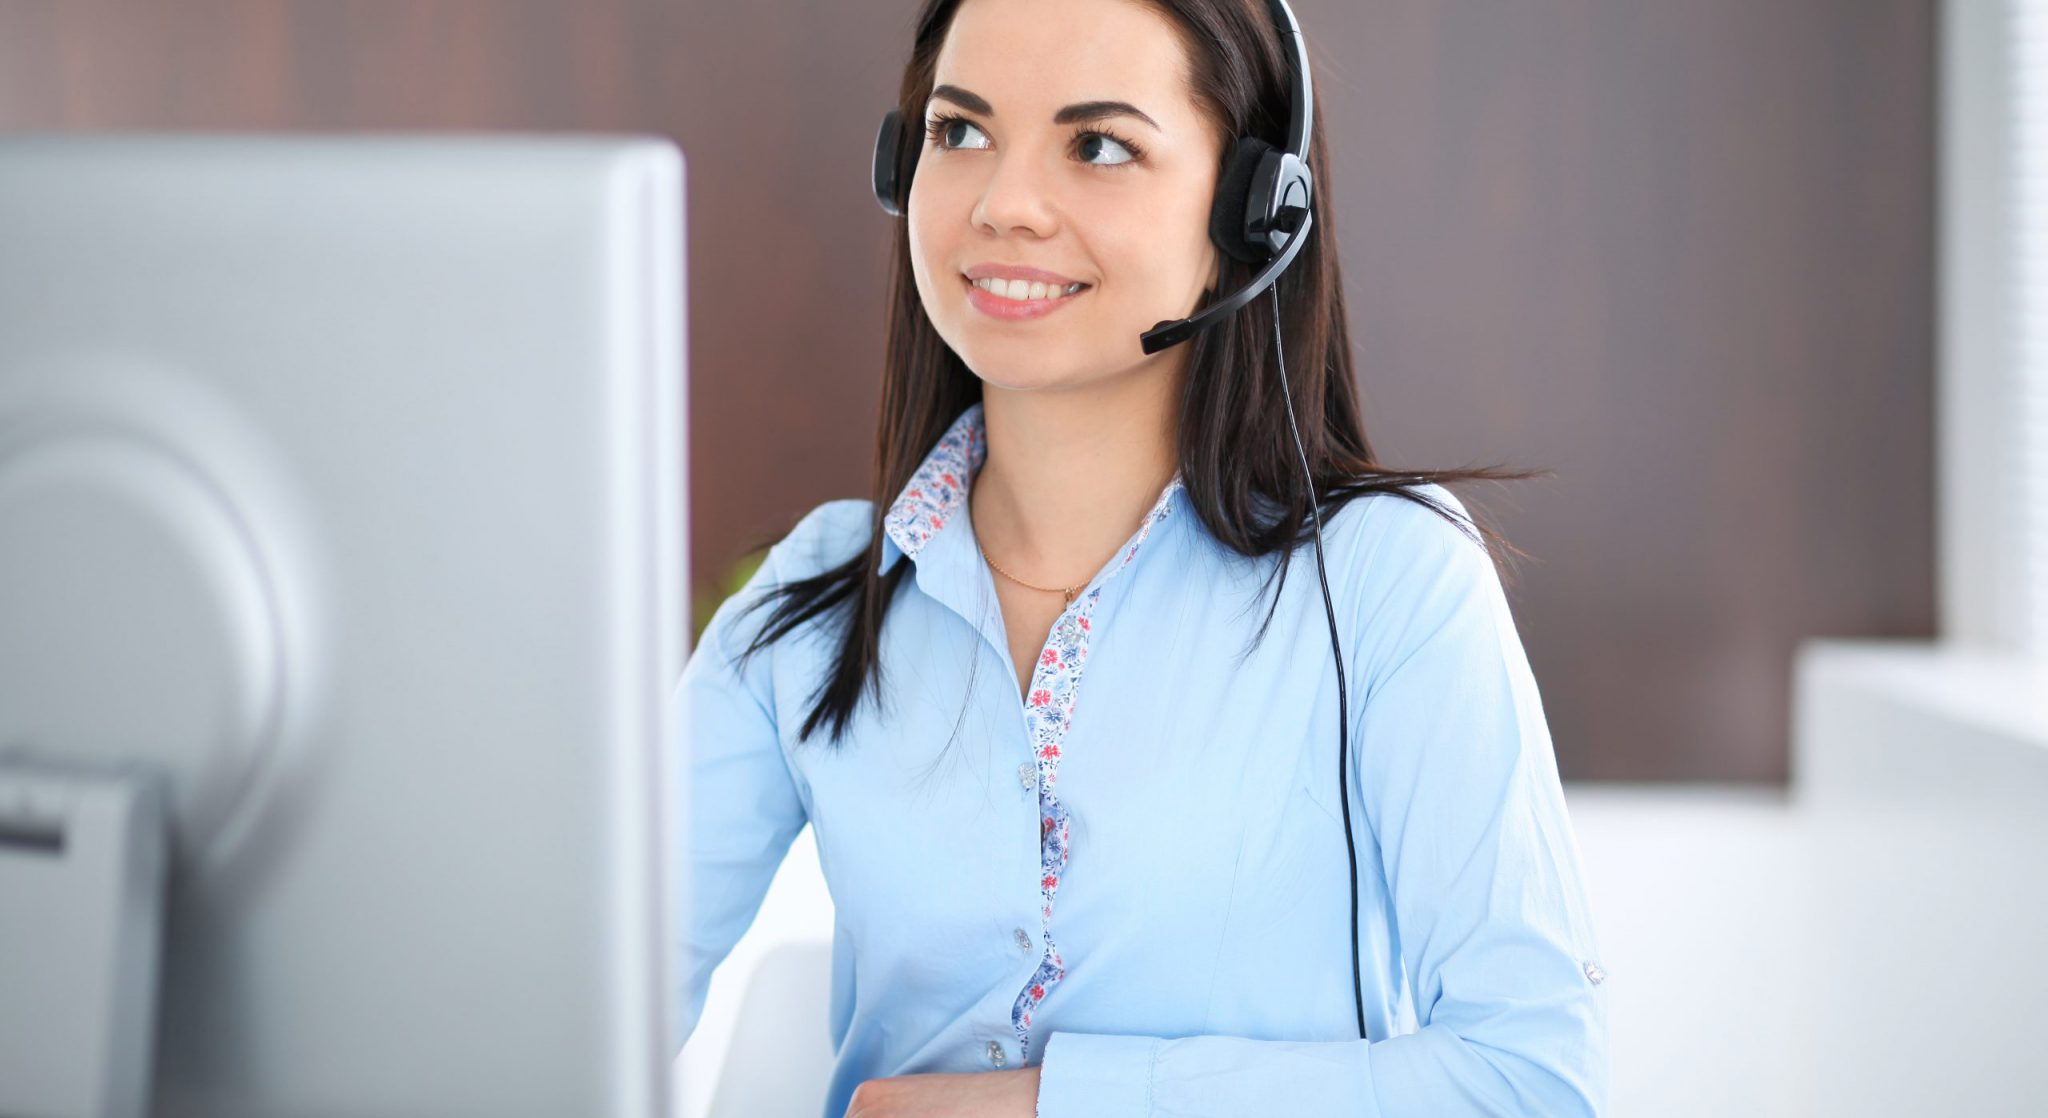 telemarketing worker